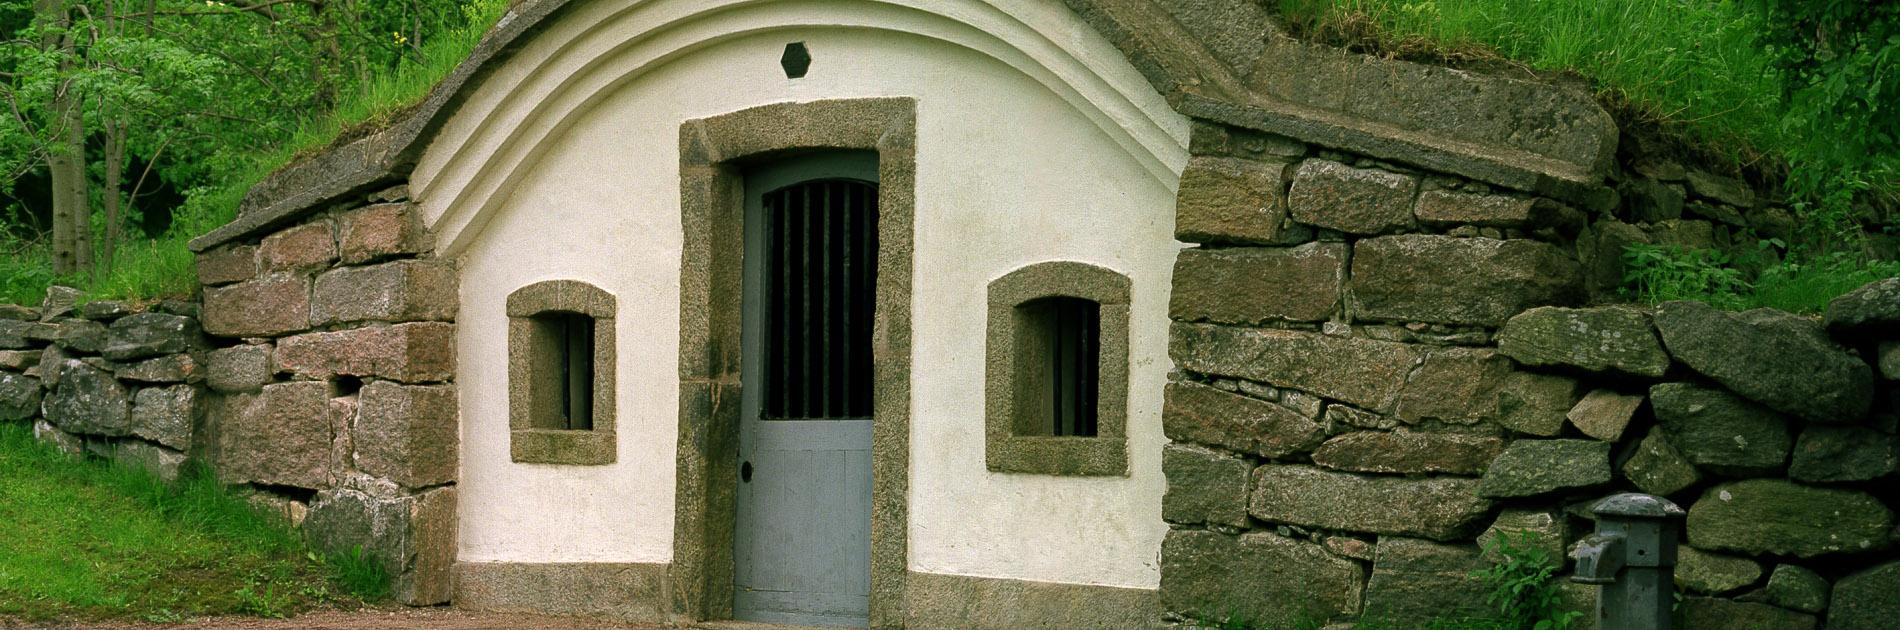 Äldre och mindre stenfasad med rundat tak, dörr och två små fönster vid Kallebäcks Källa.